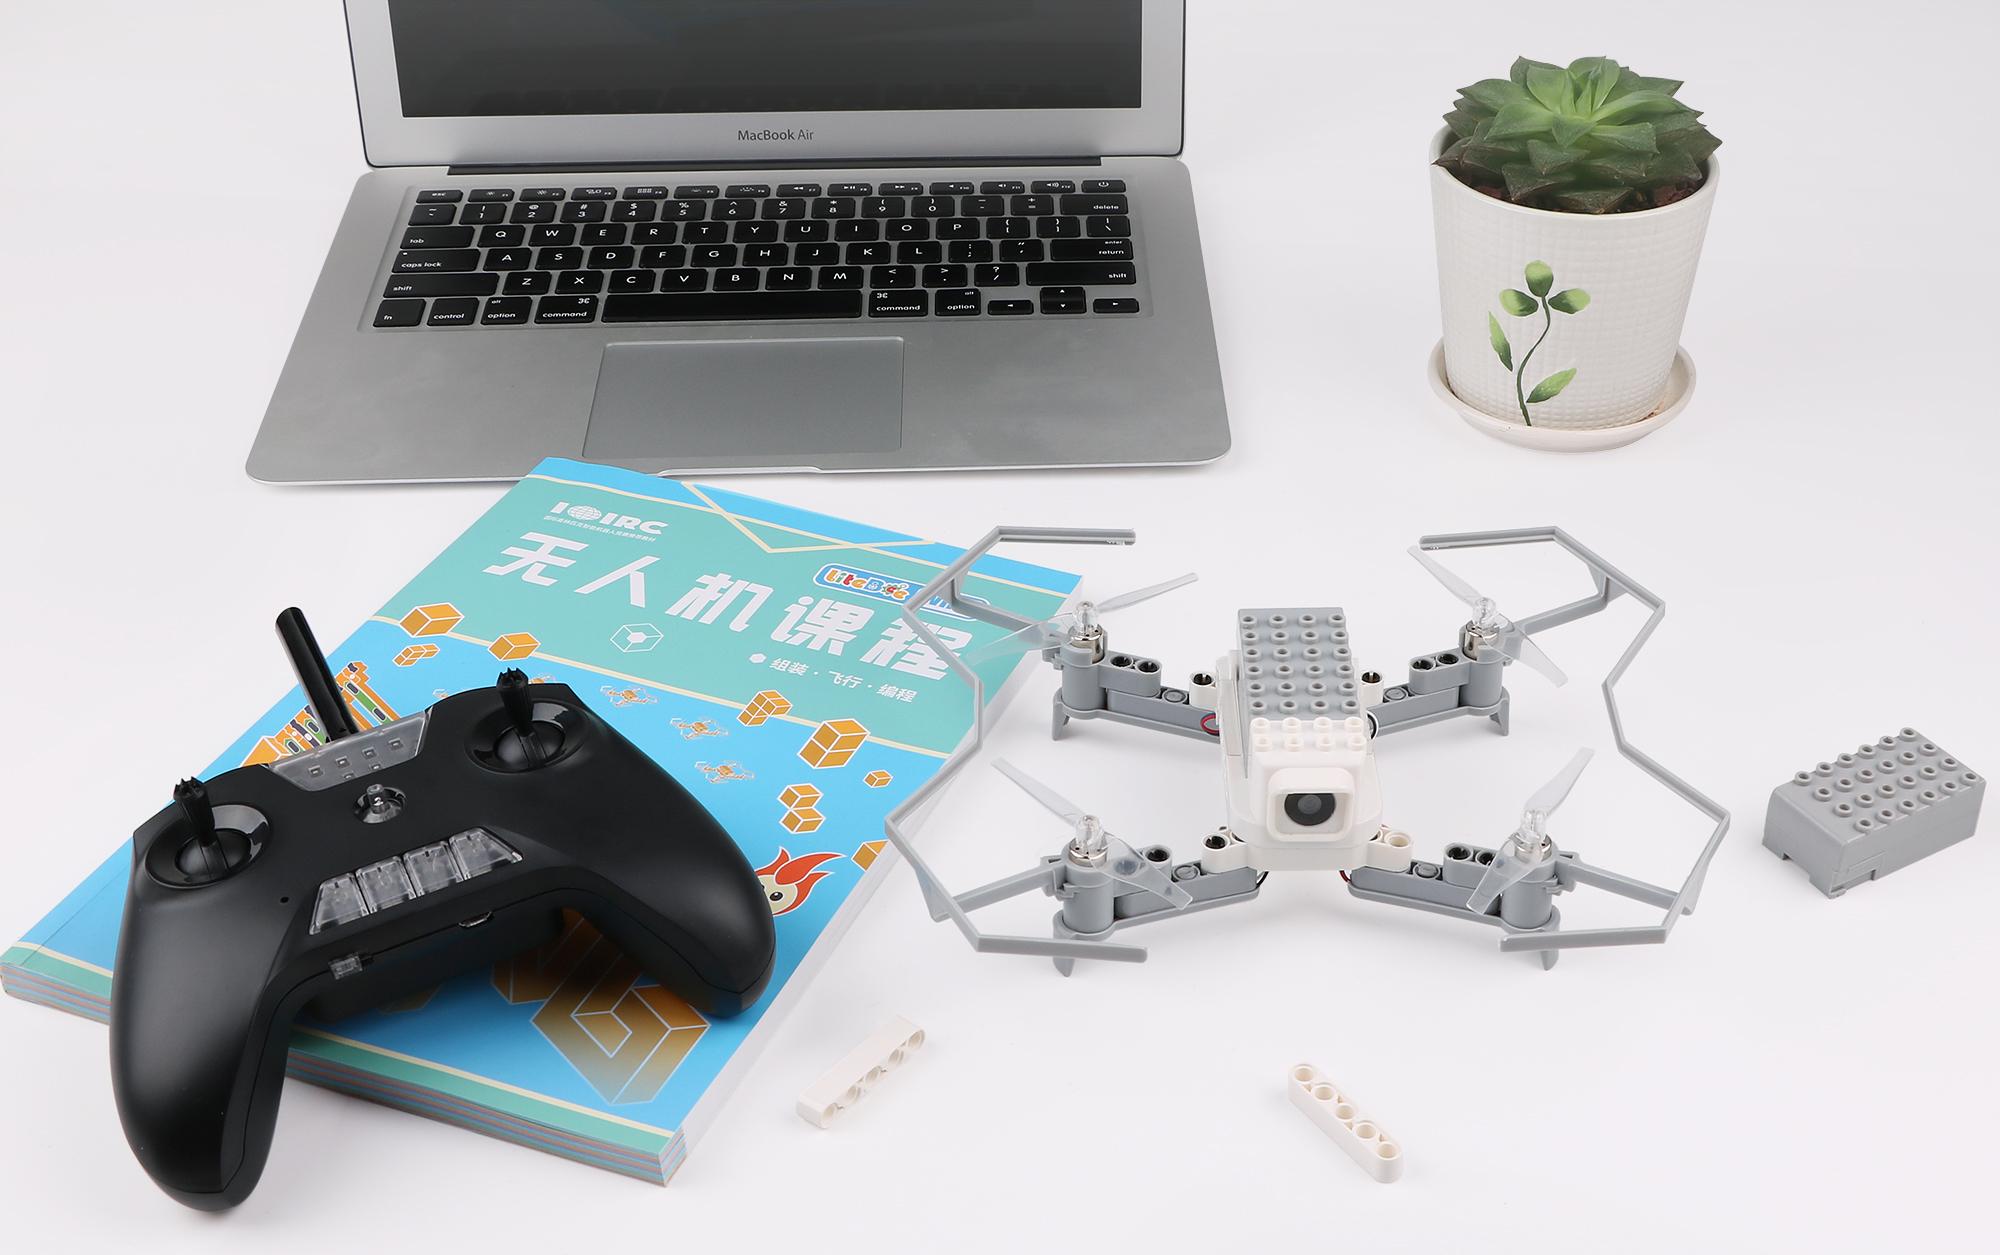 想要无人机实现自主飞行?你必须会运用这些编程模块